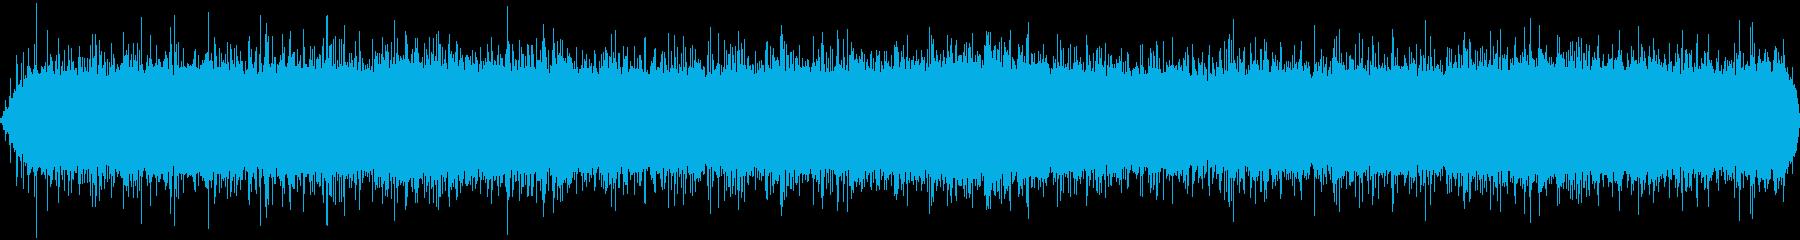 強めの雨音「ザァー」の再生済みの波形